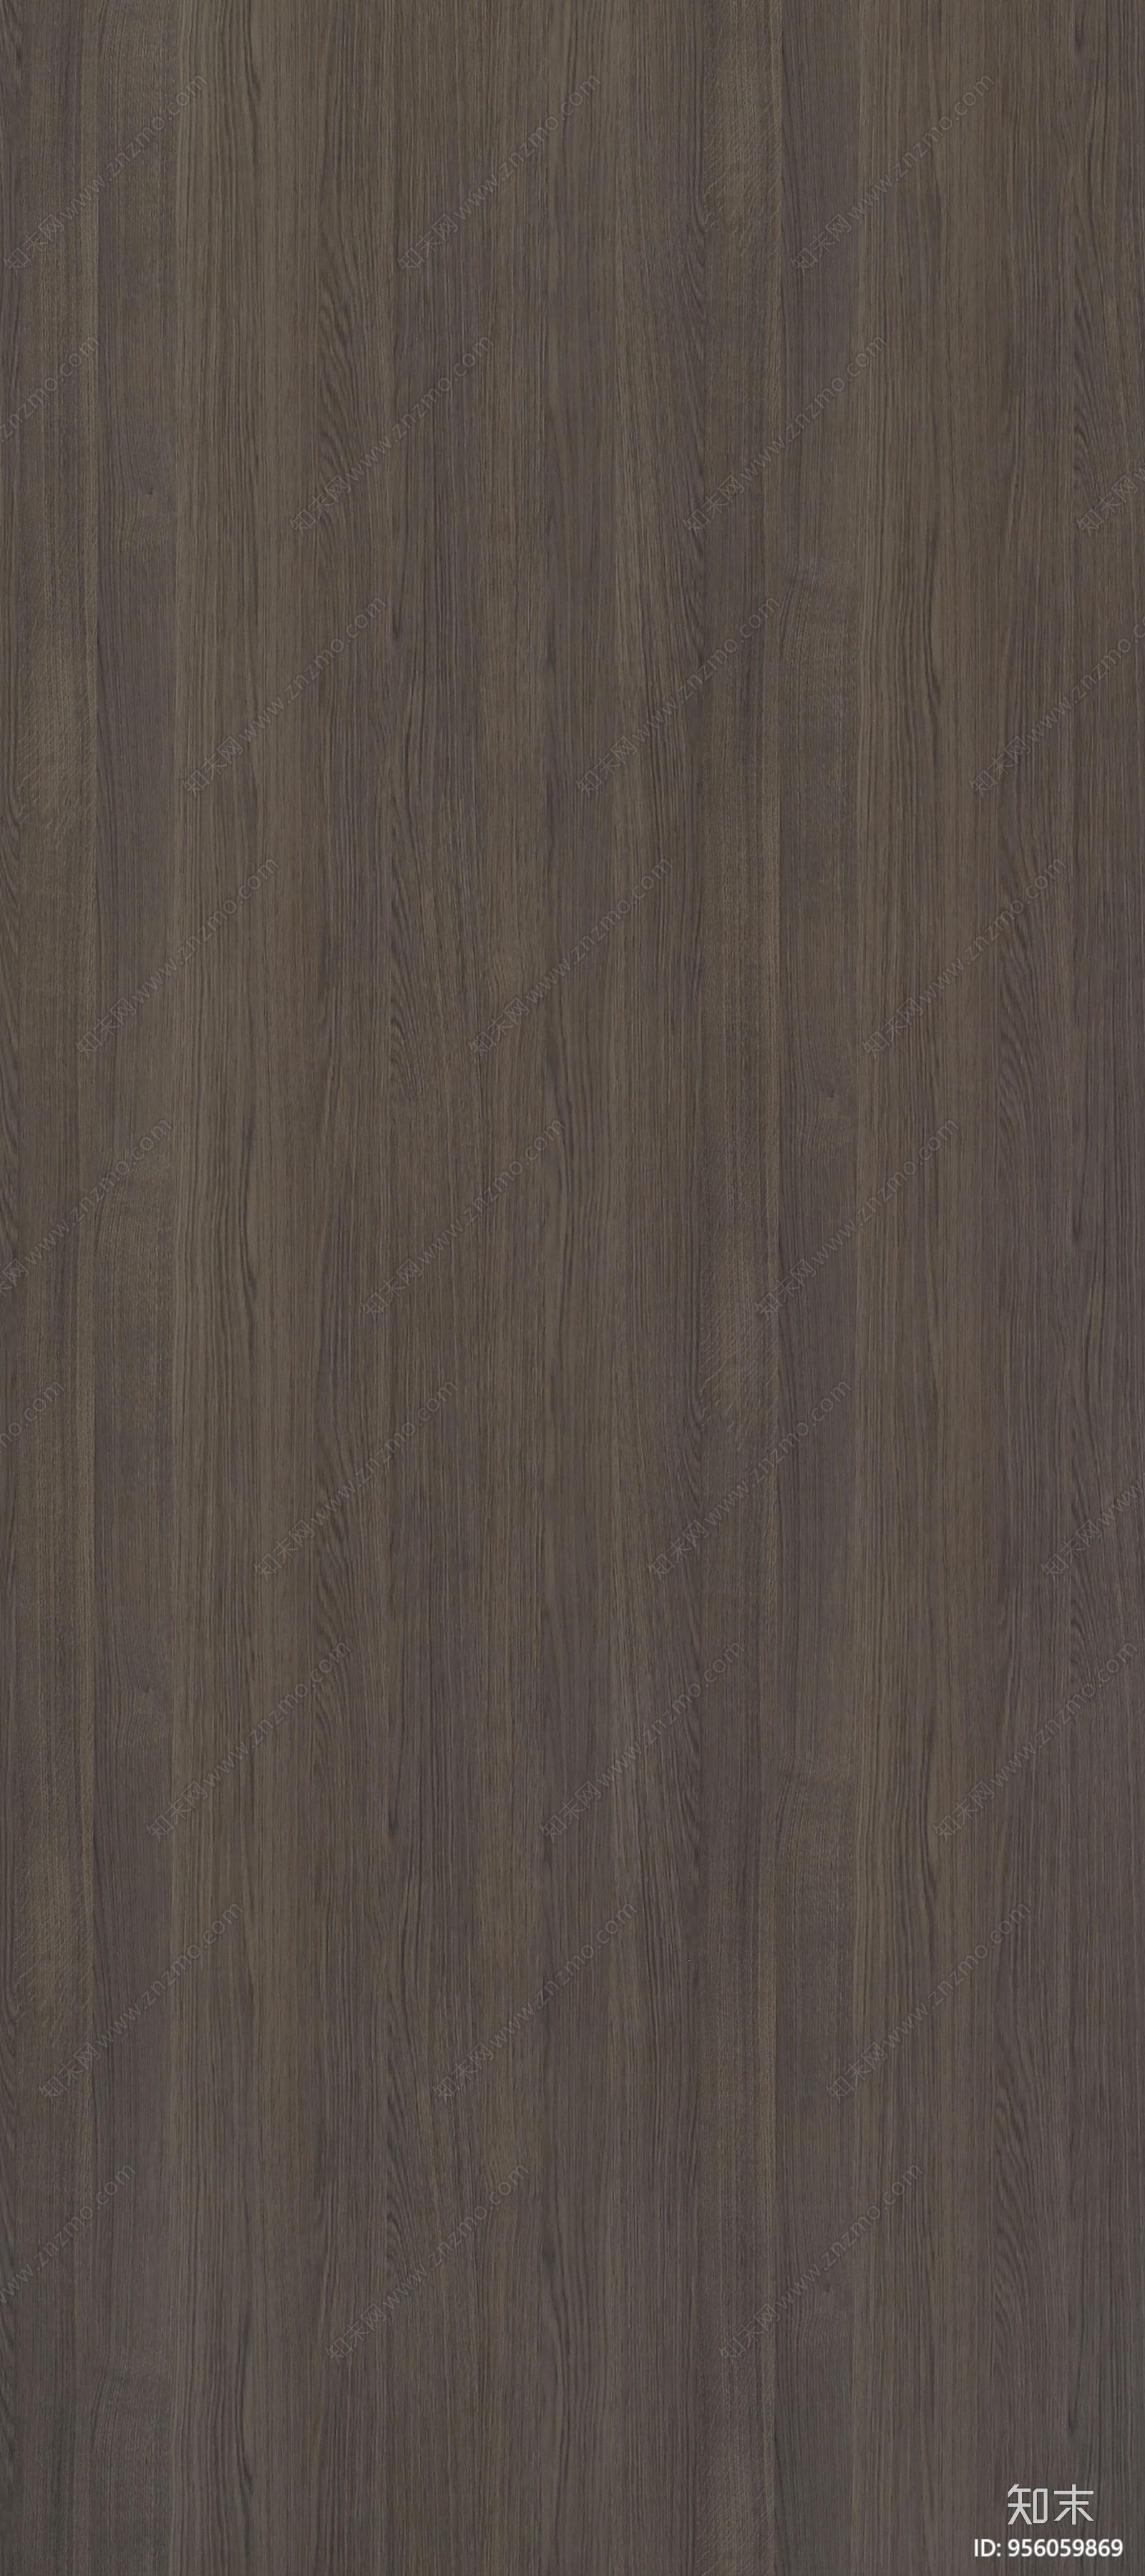 高清木纹木板无缝贴图9贴图下载【ID:956059869】